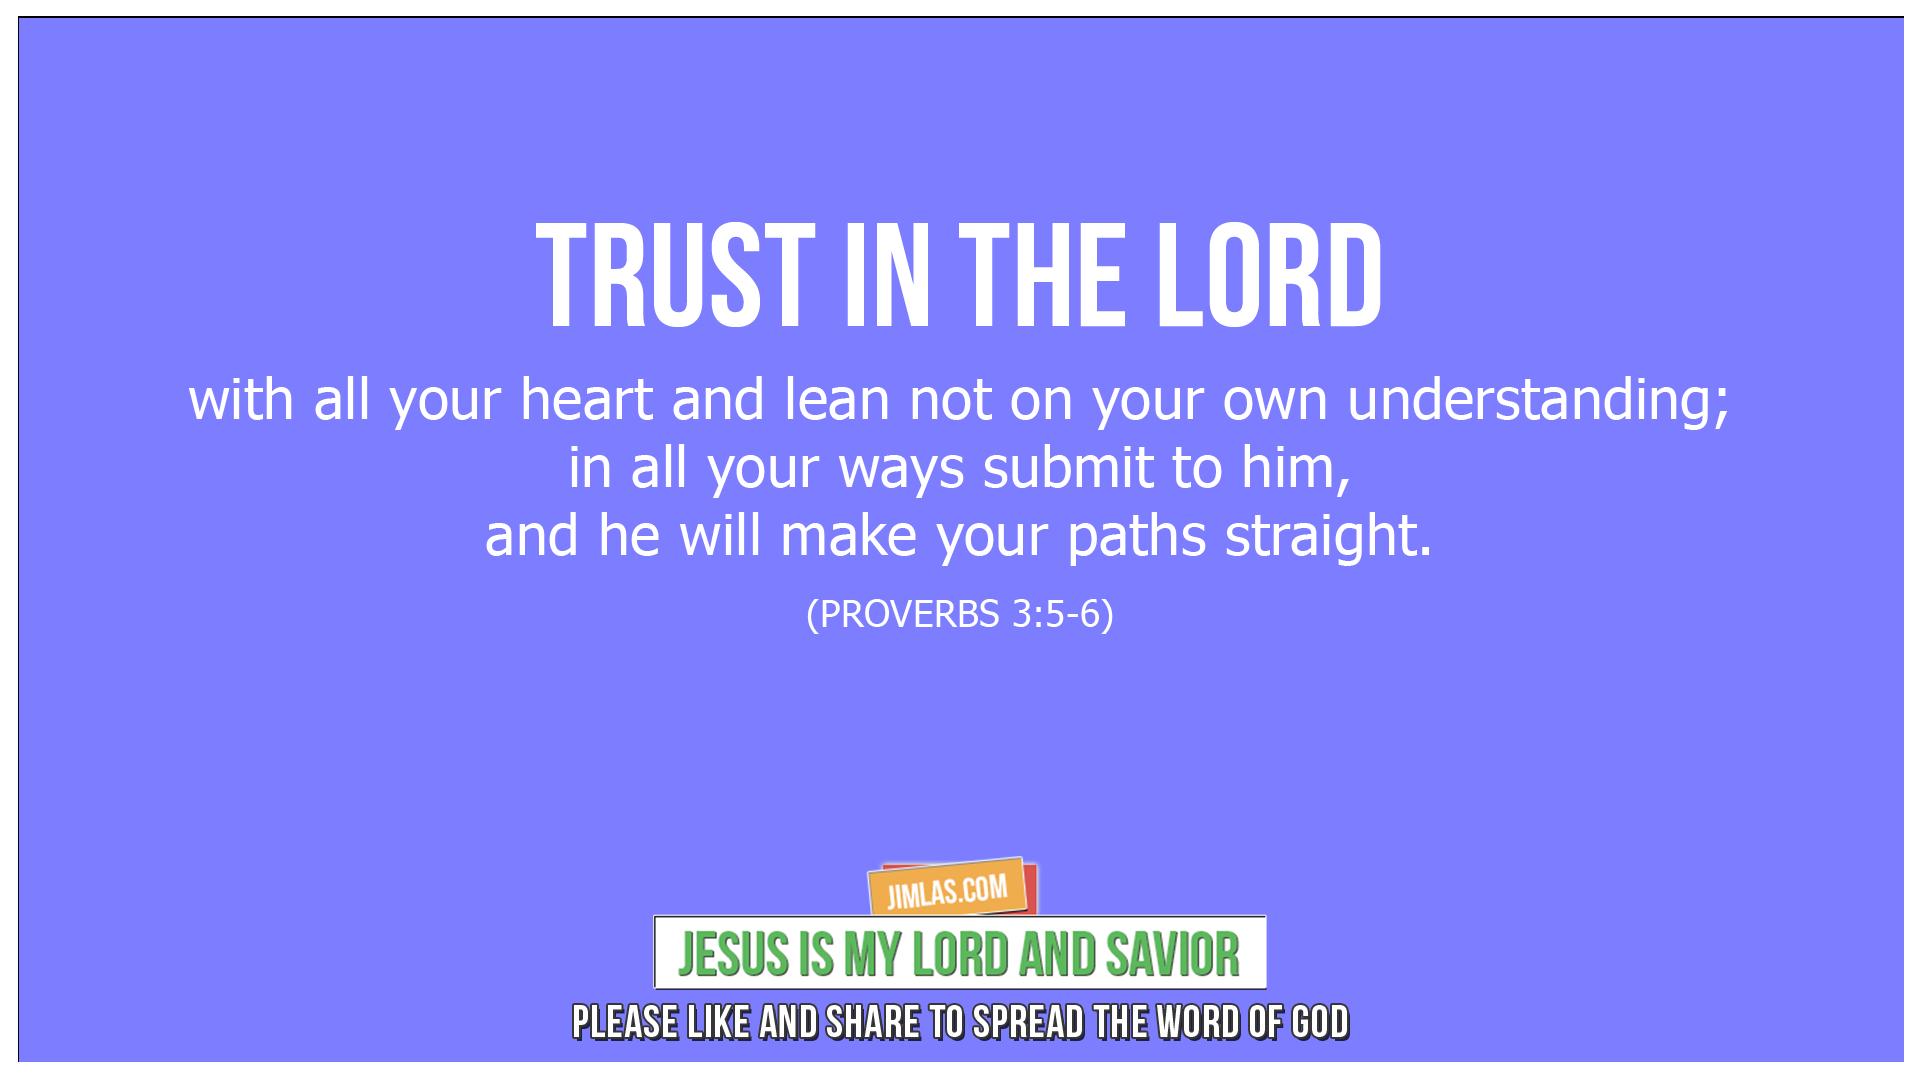 Proverbs 3:5-6, Proverbs 3:5-6